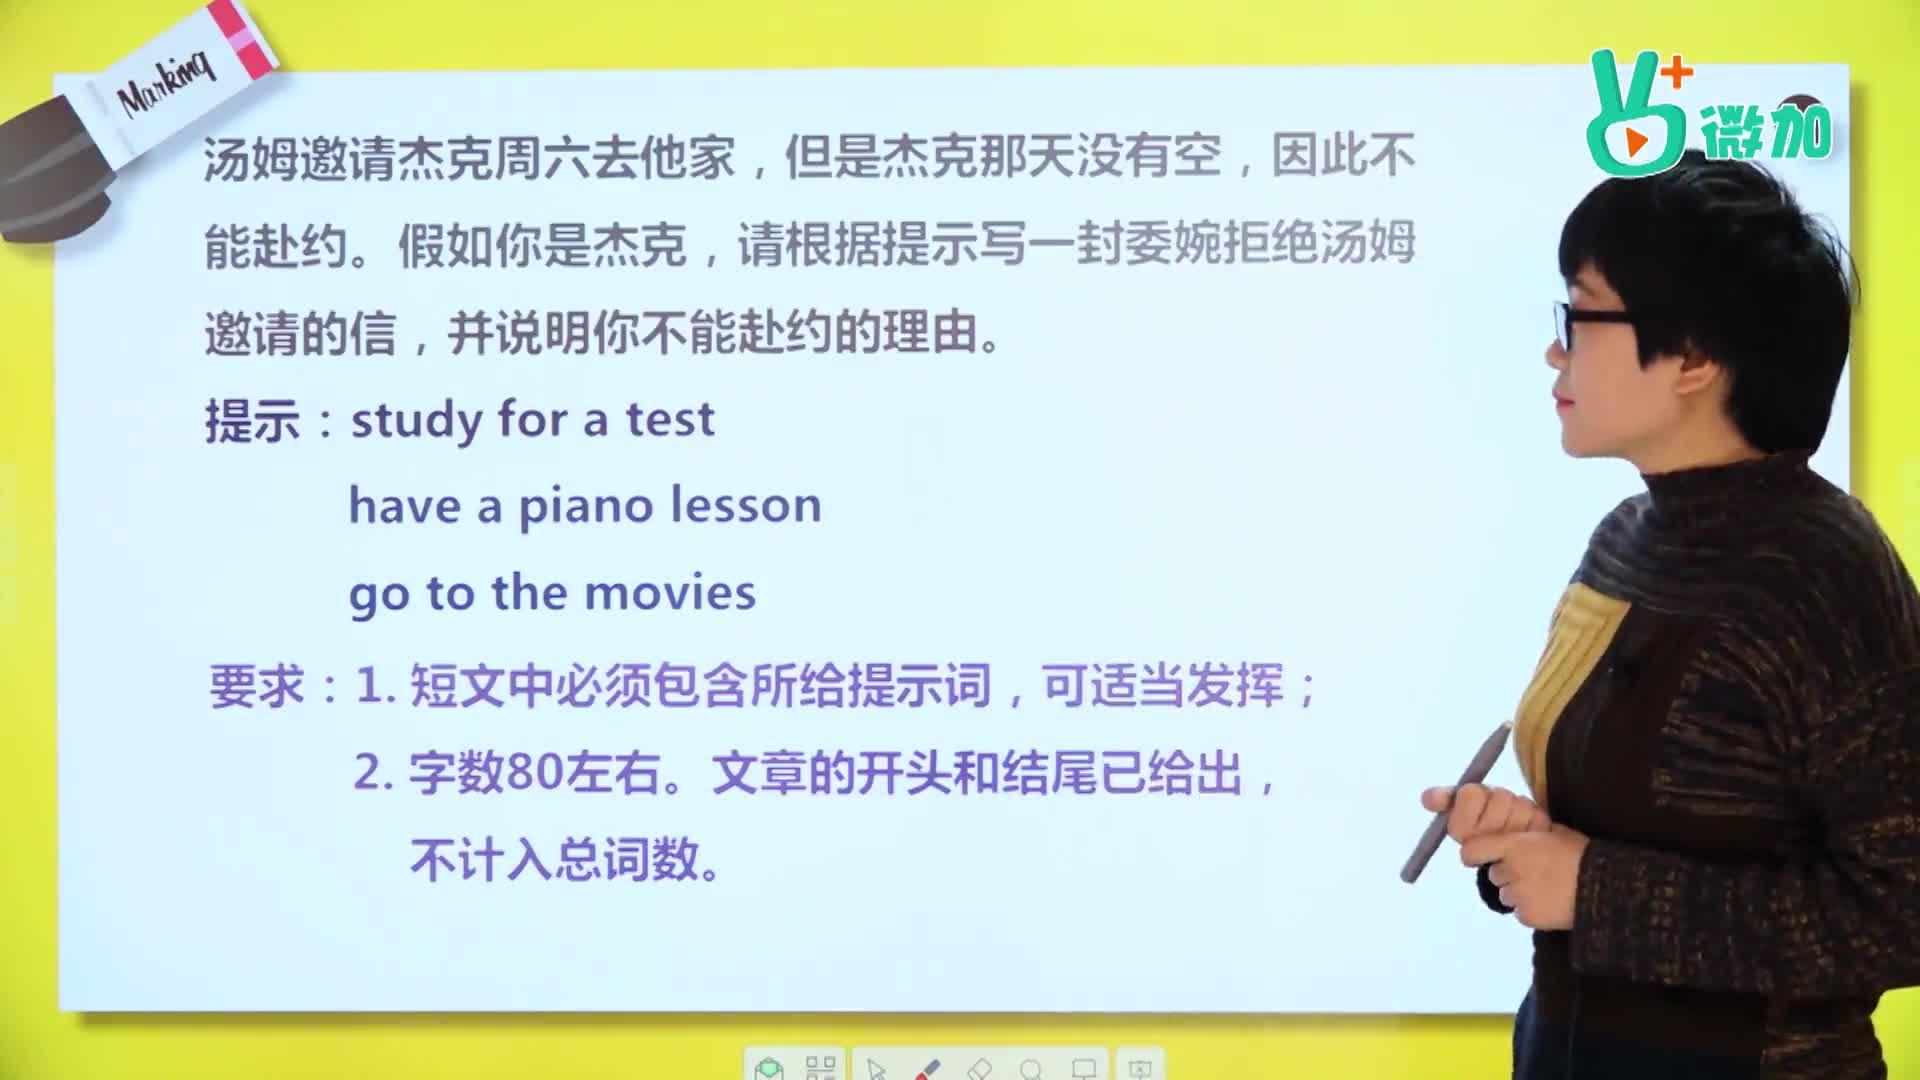 视频09 书面表达之实战演练(二)上-【微加】史莱克学英语系列八年级书面表达